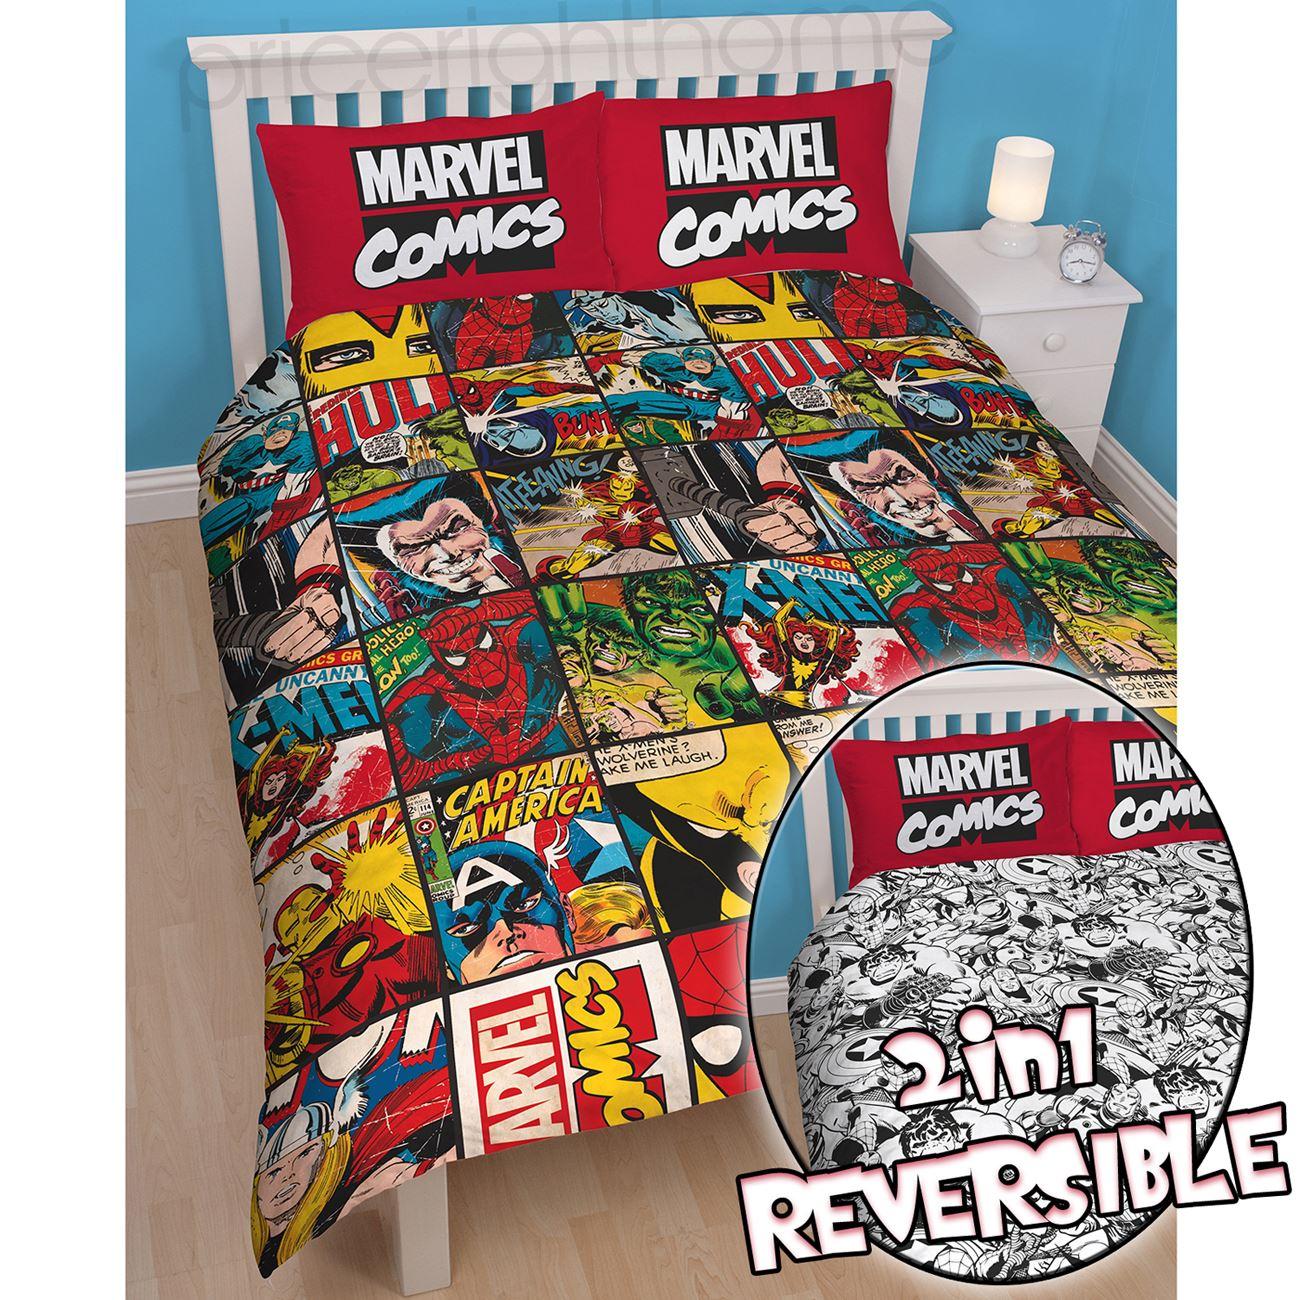 Avengers comic bedding - Oficiales Marvel Comics De Ropa De Cama Y Dormitorio Accesorios Bolsos